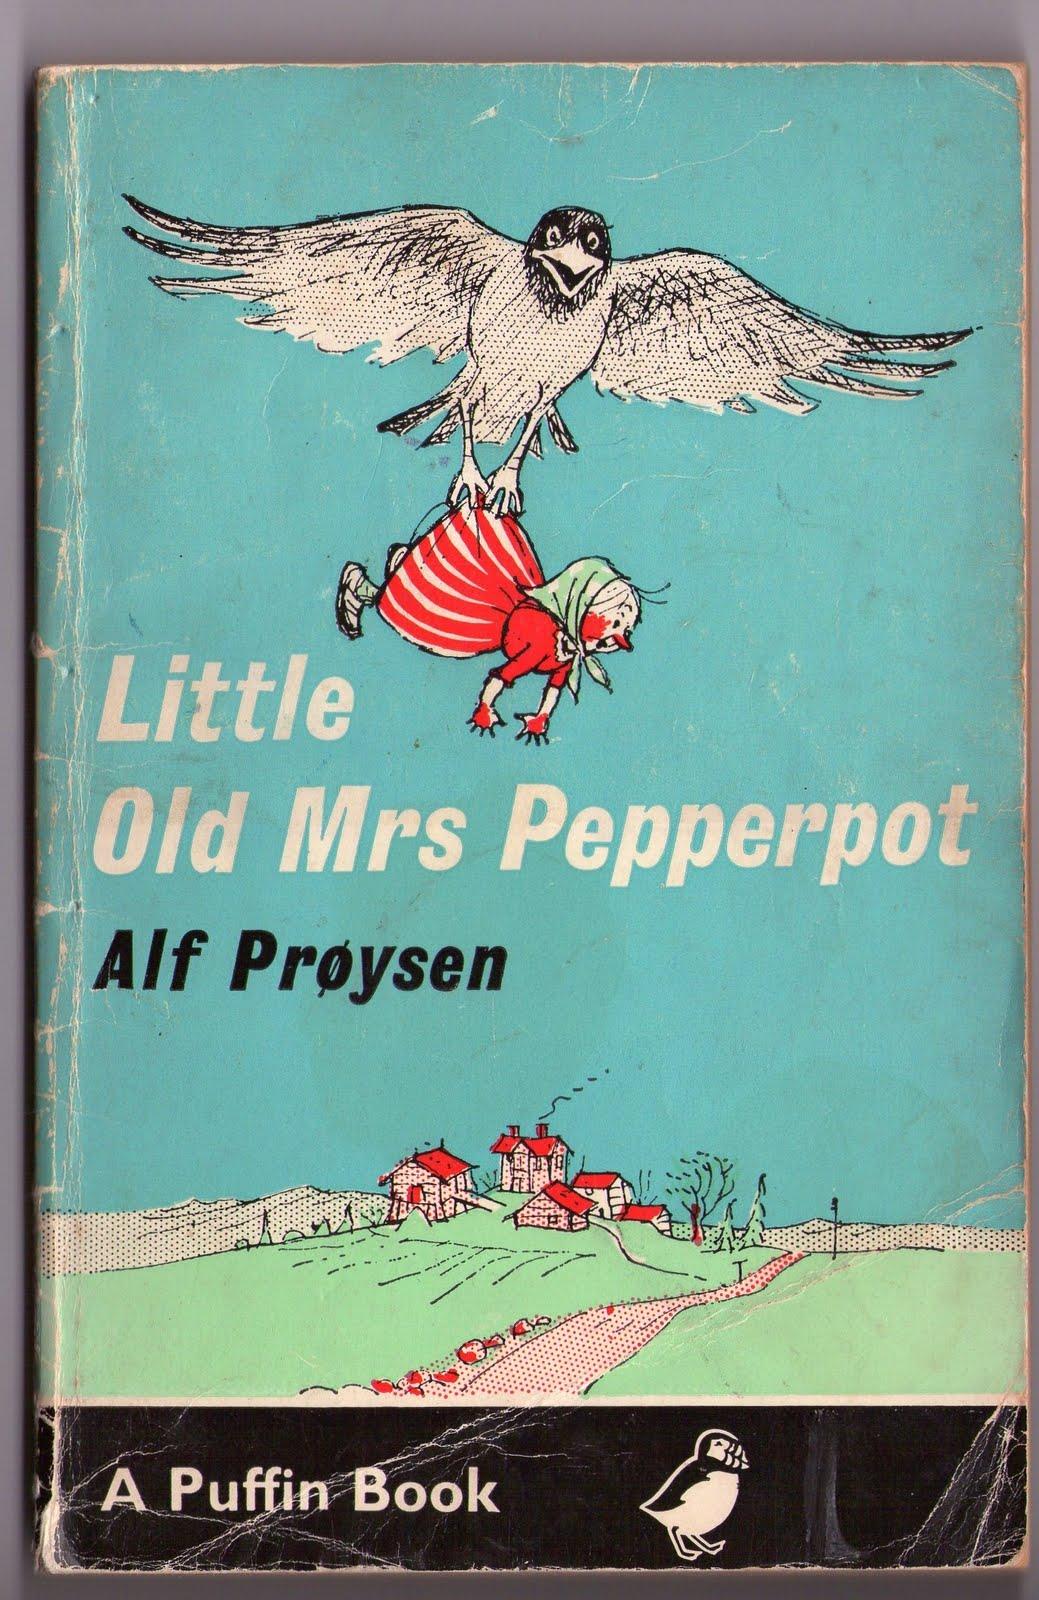 mrspepperpot